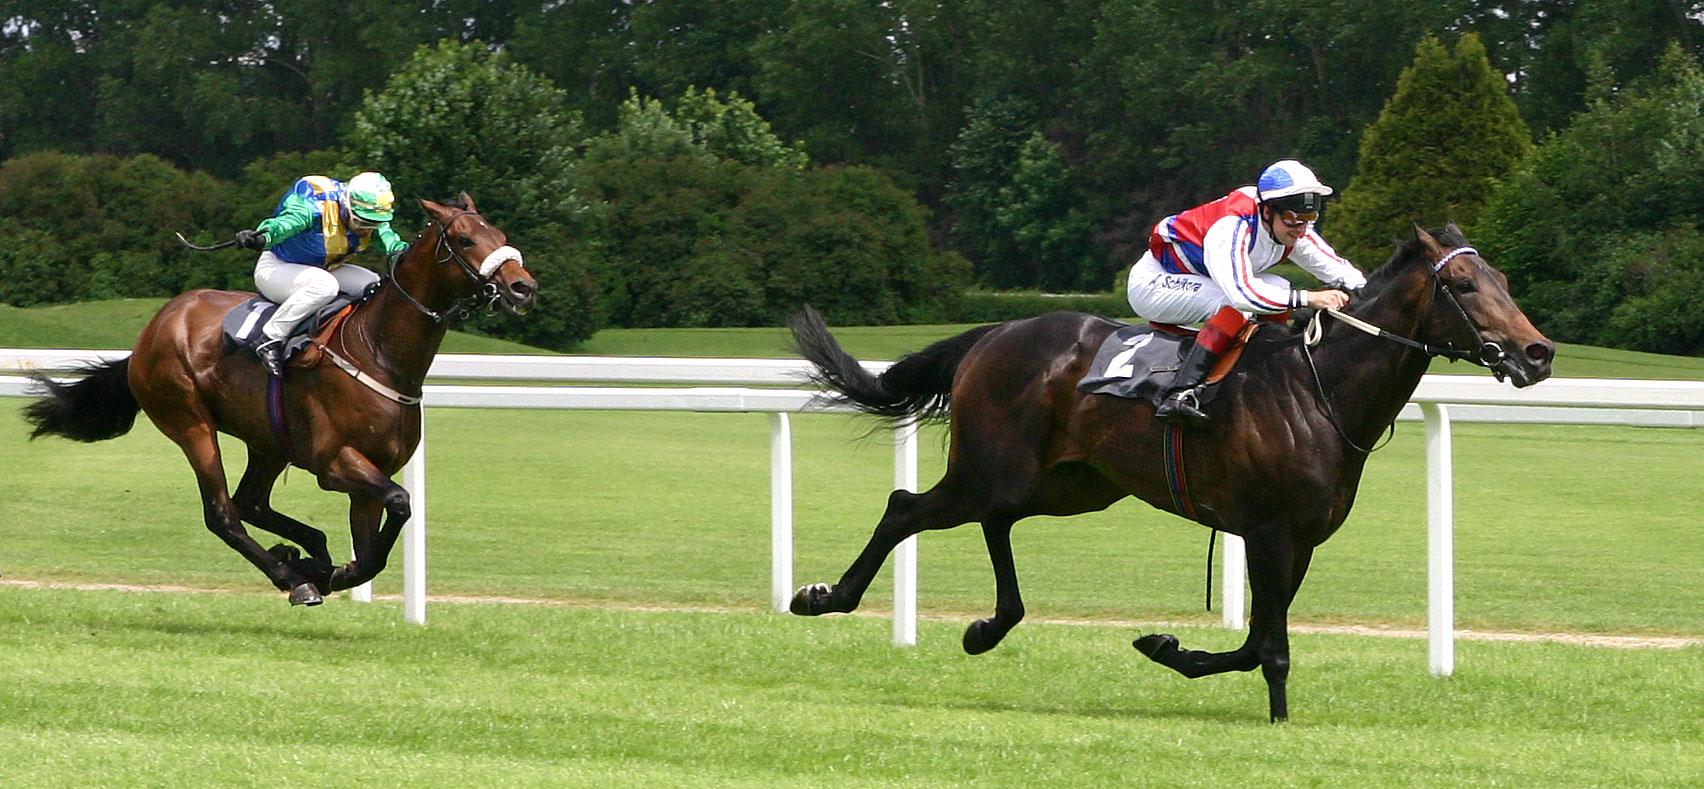 Afbeeldingsresultaat voor race horses